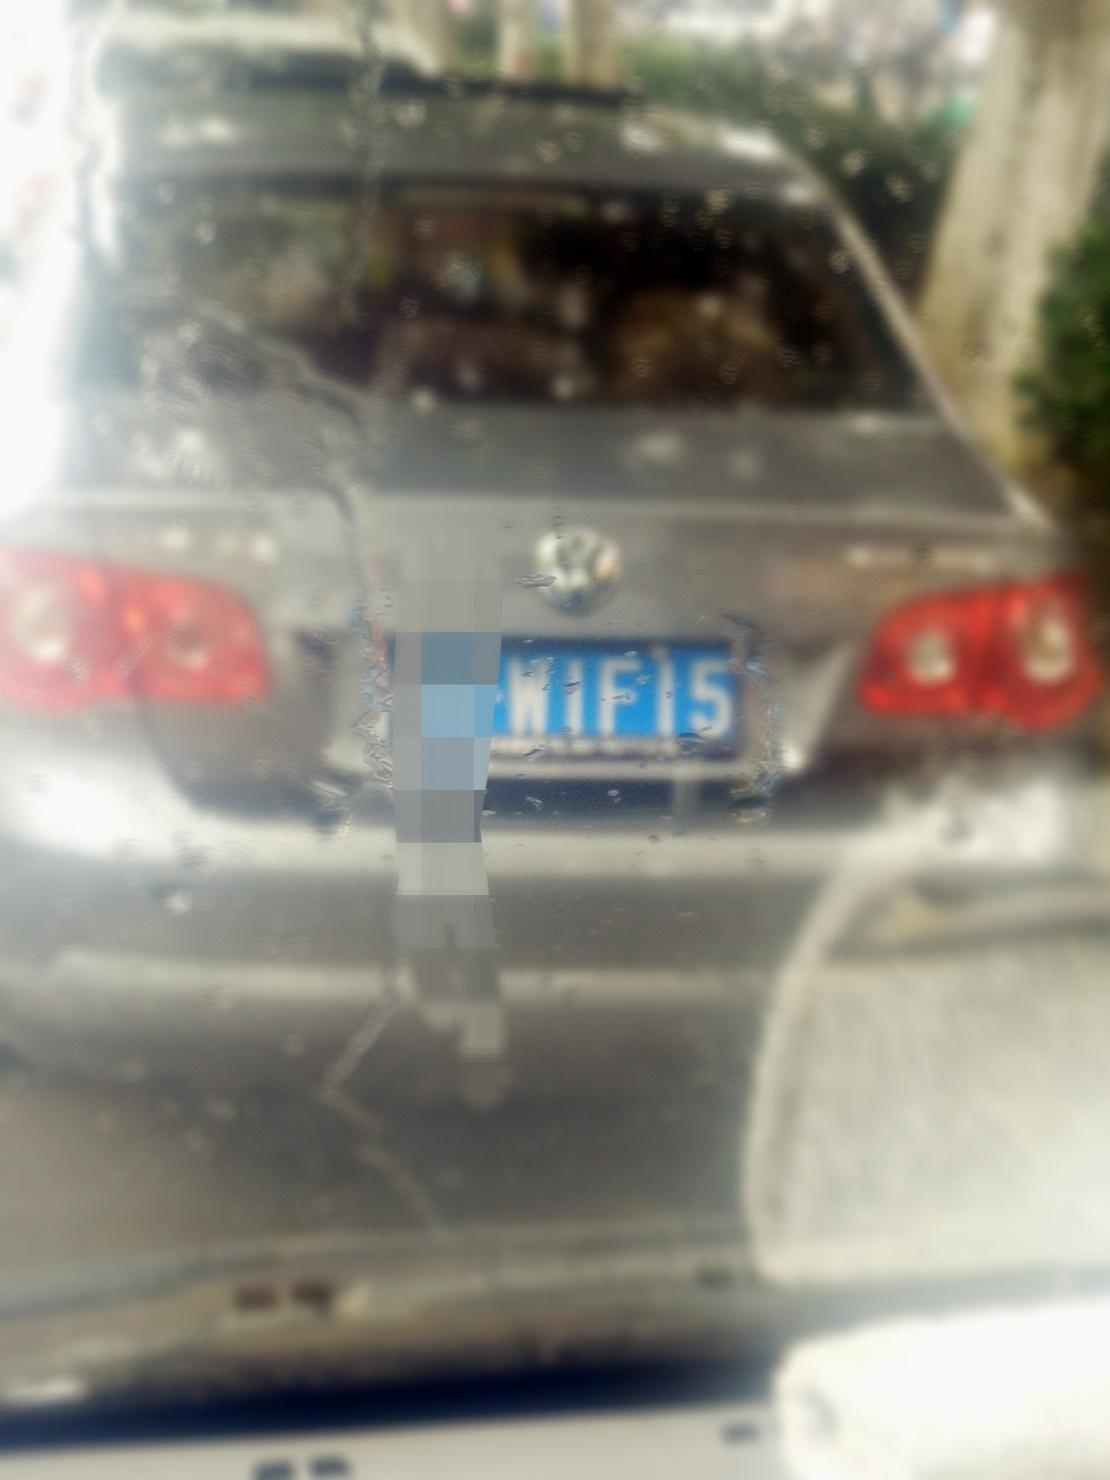 老板说,他开的车有WiFi。。。。然后!!